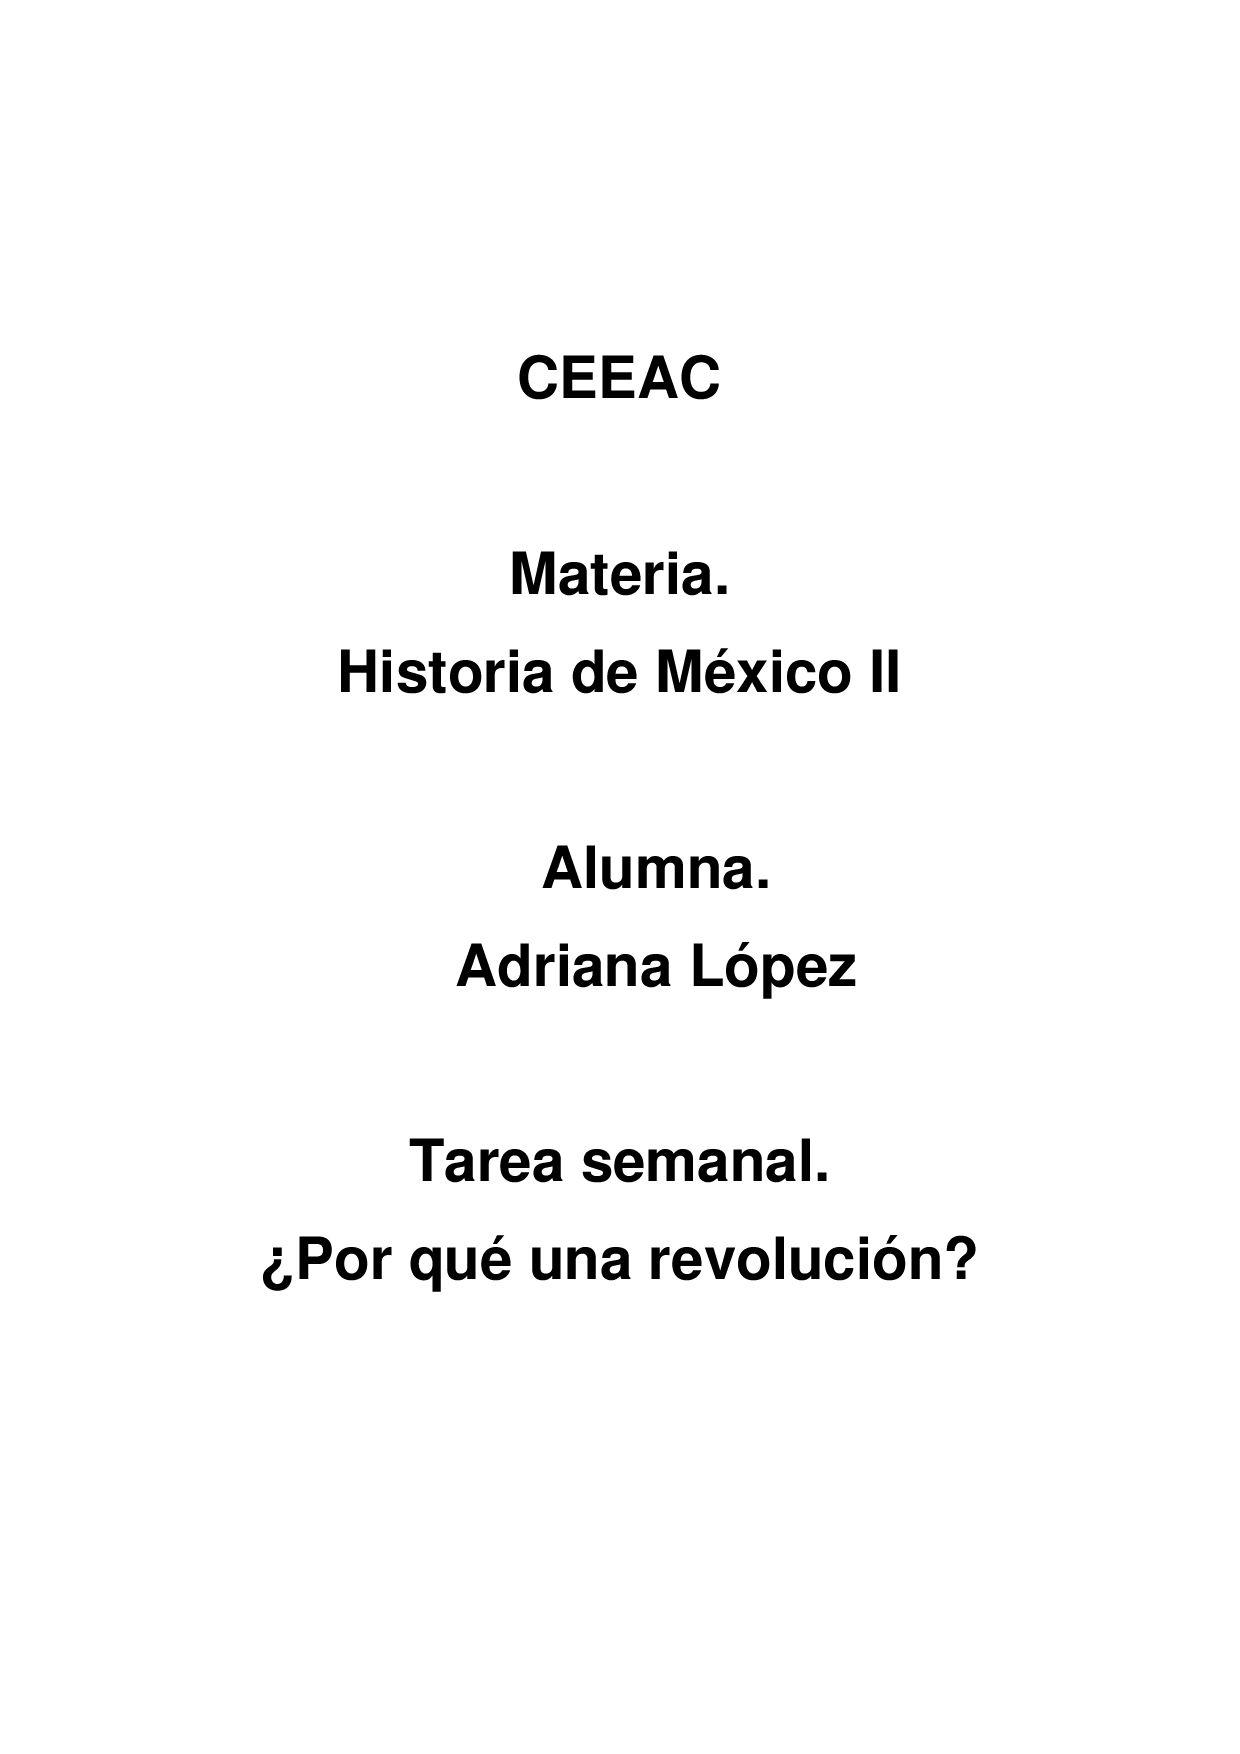 Tarea Semanal by Adriana López - issuu